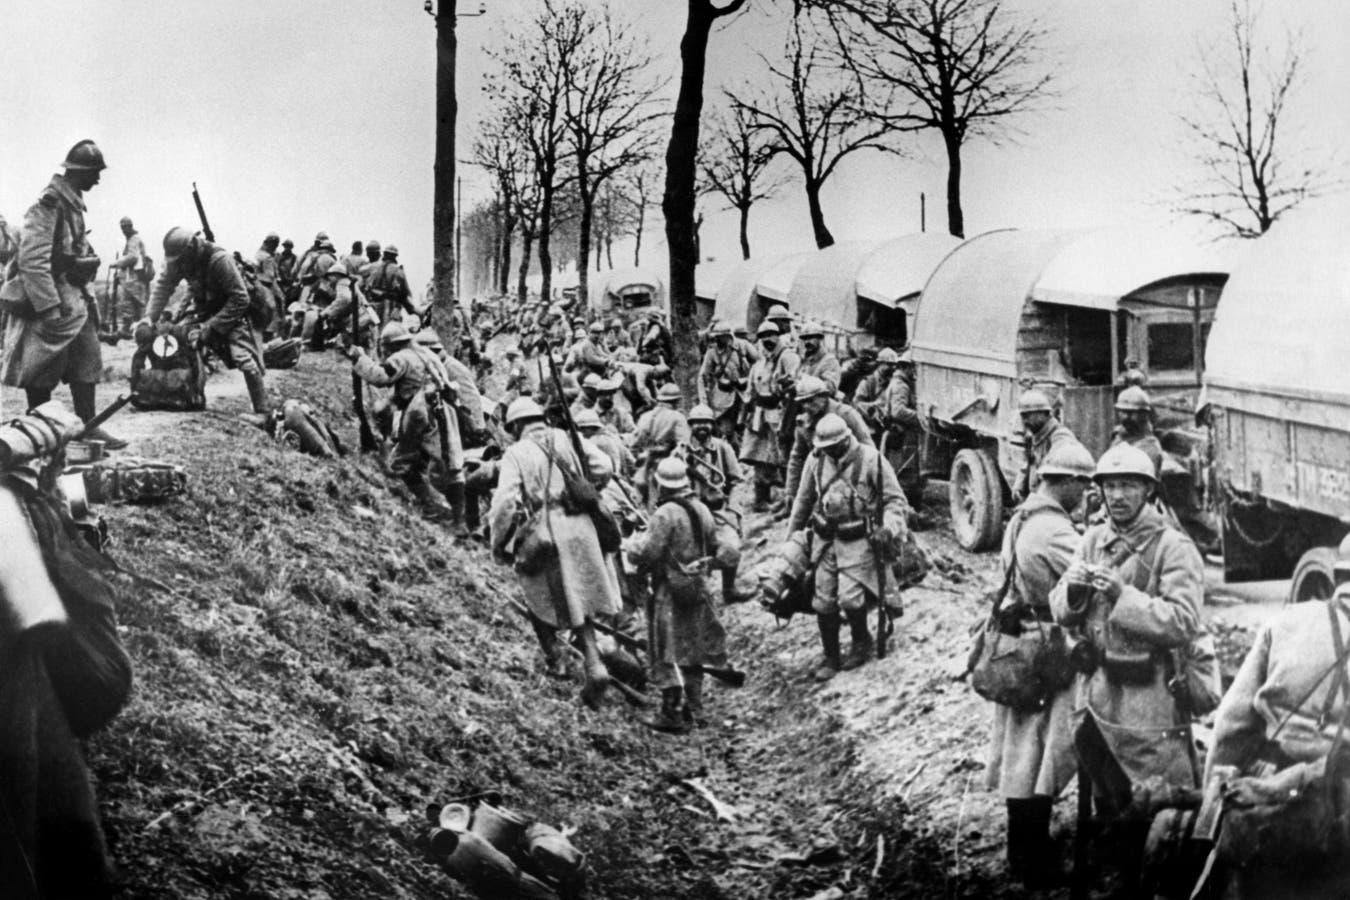 El armisticio de 1918 encerraba el germen de un malestar que socavaría el orden mundial y promovería una nueva conflagración global. En la imagen, soldados franceses preparándose para la batalla de Verdún, en febrero de 1916